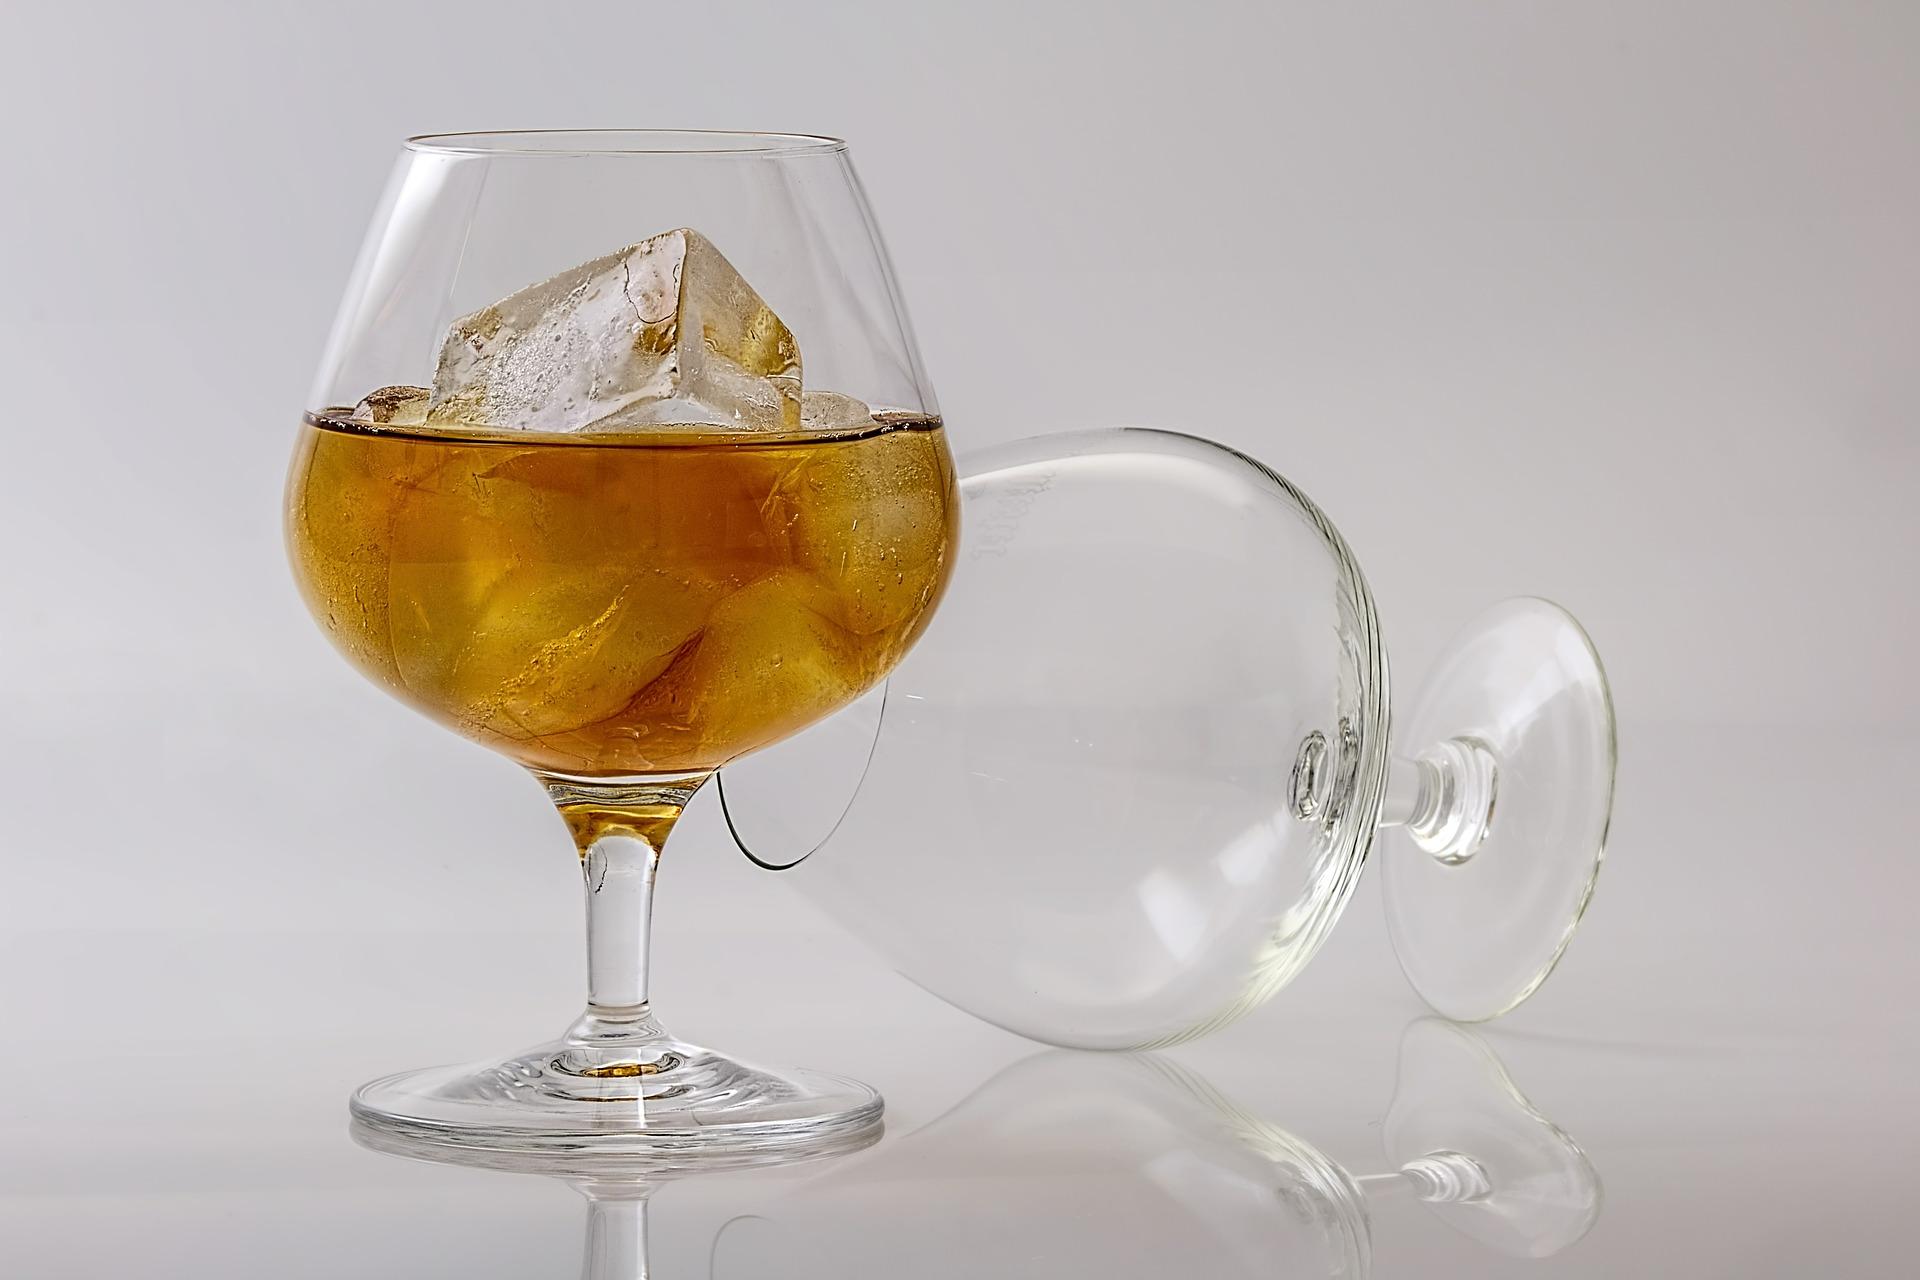 Comment bien déguster un cognac ? 1